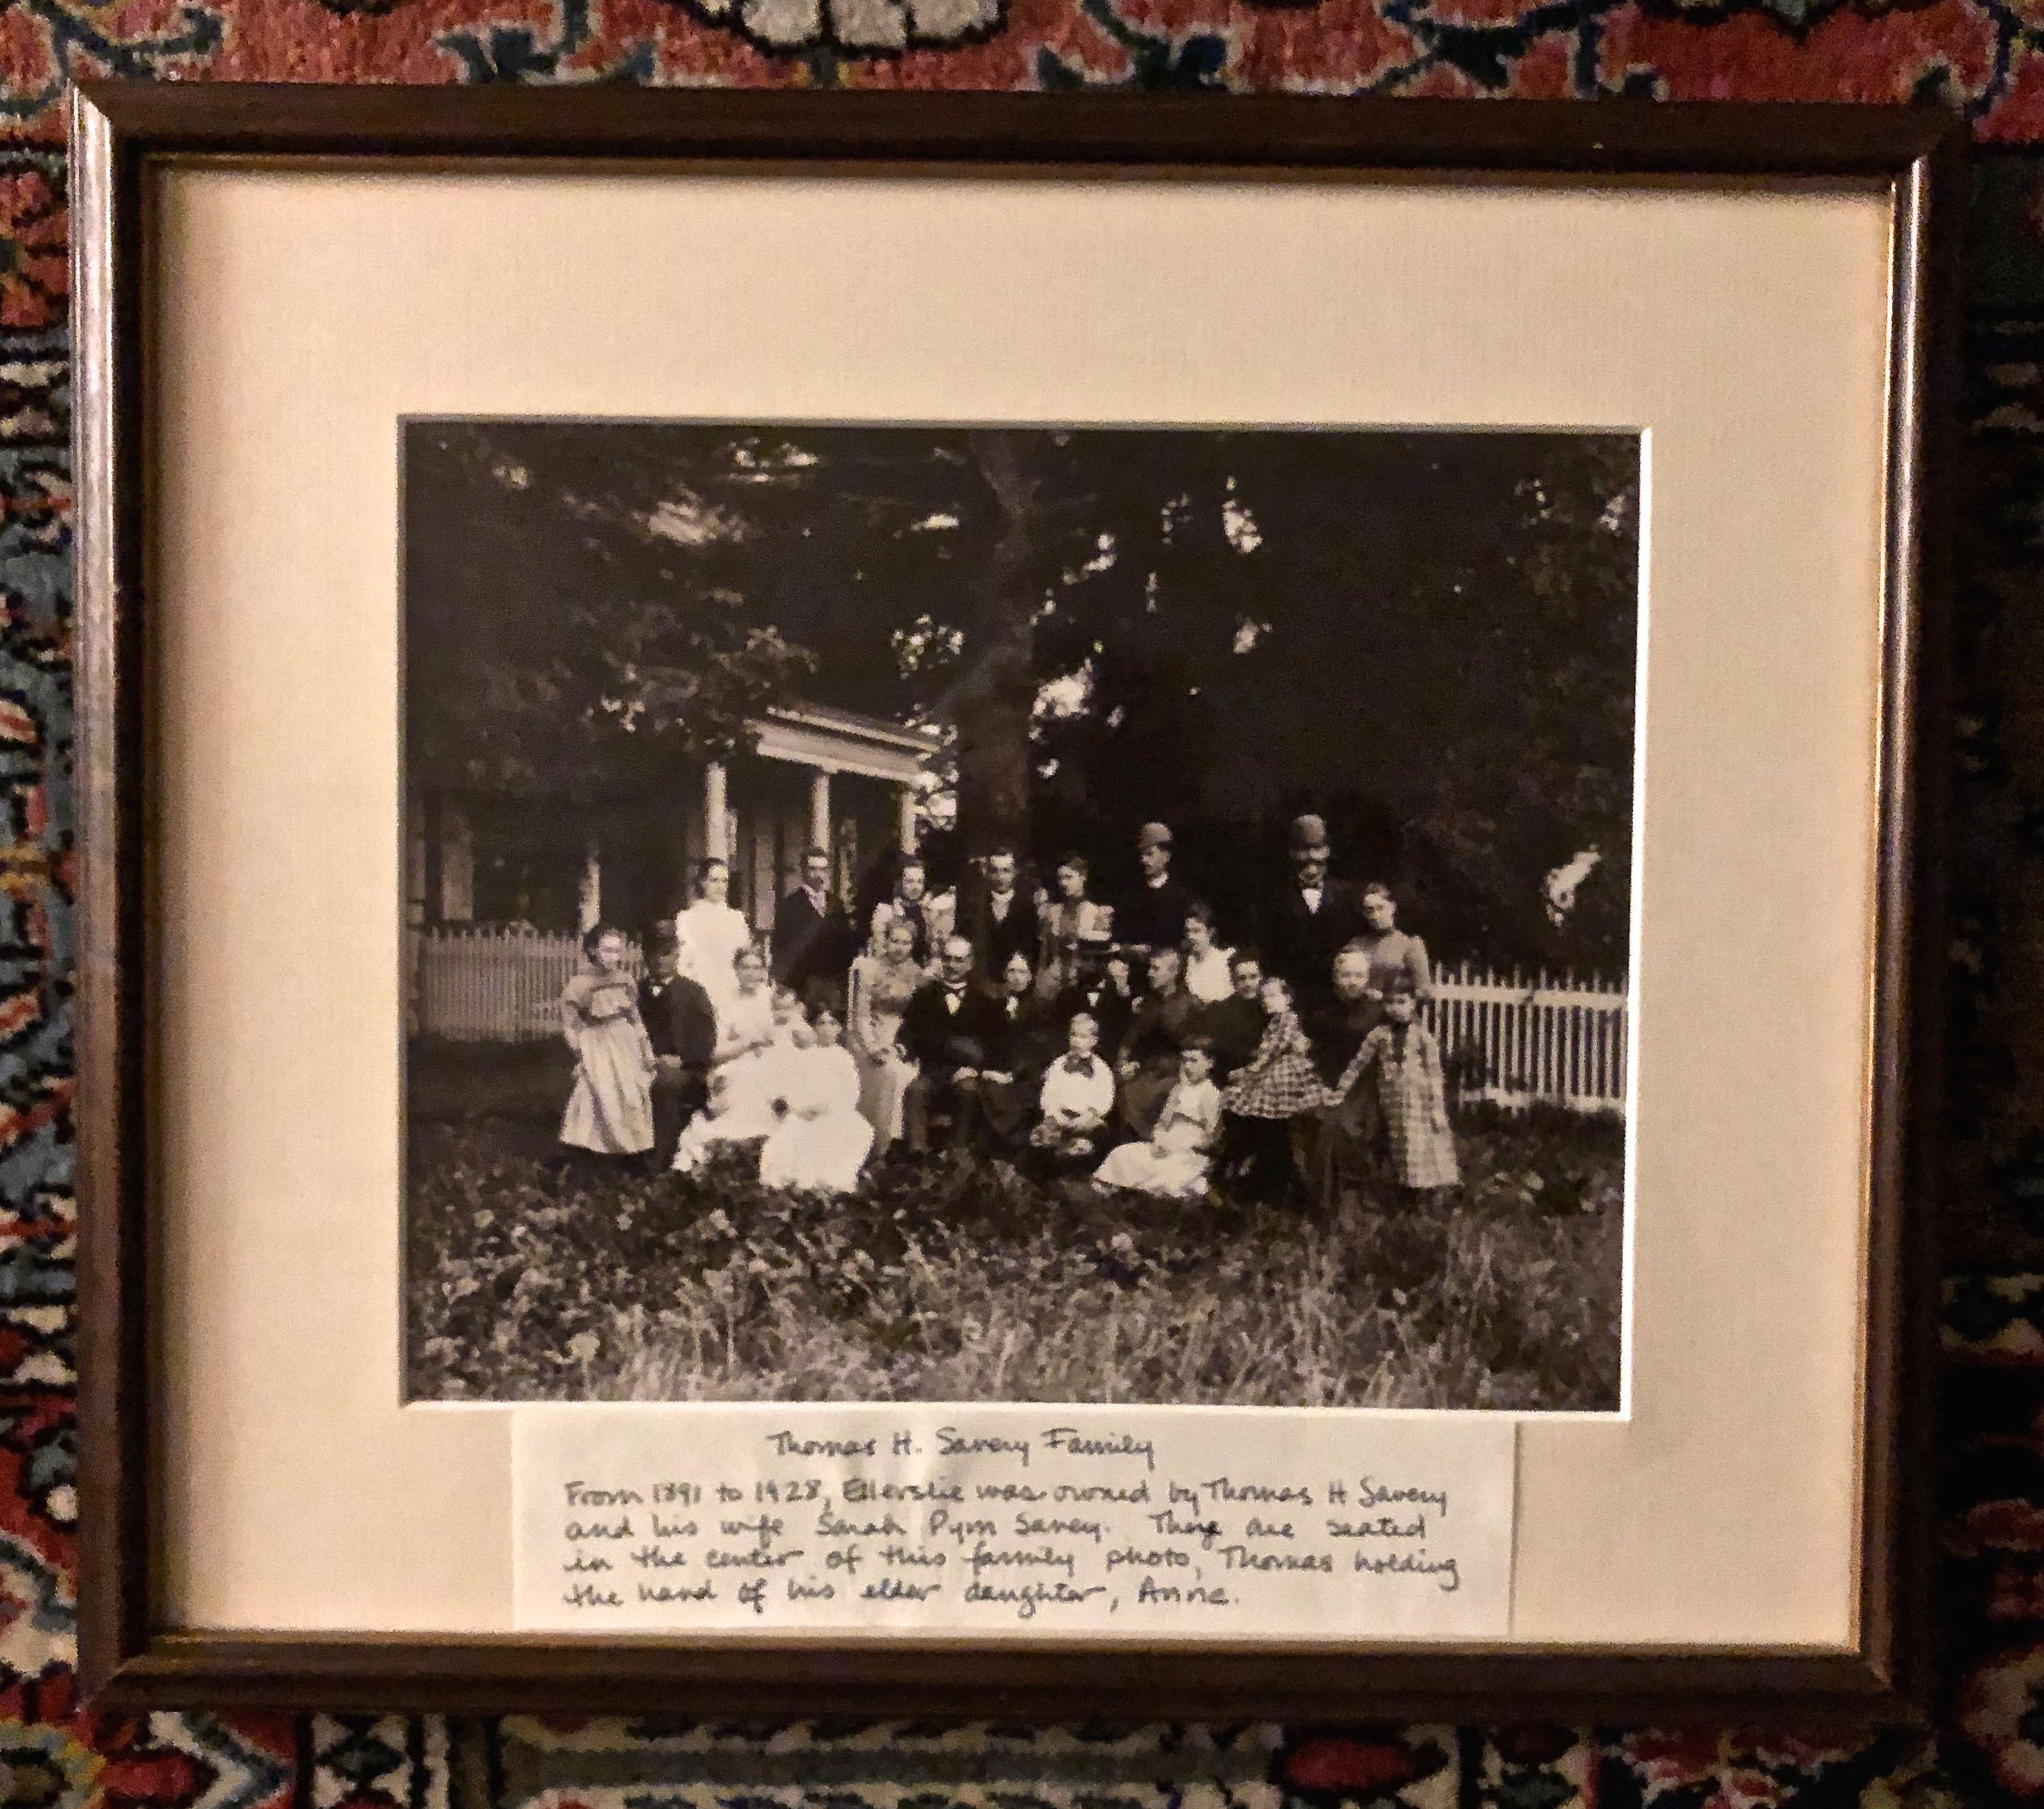 Thomas H Savery Family